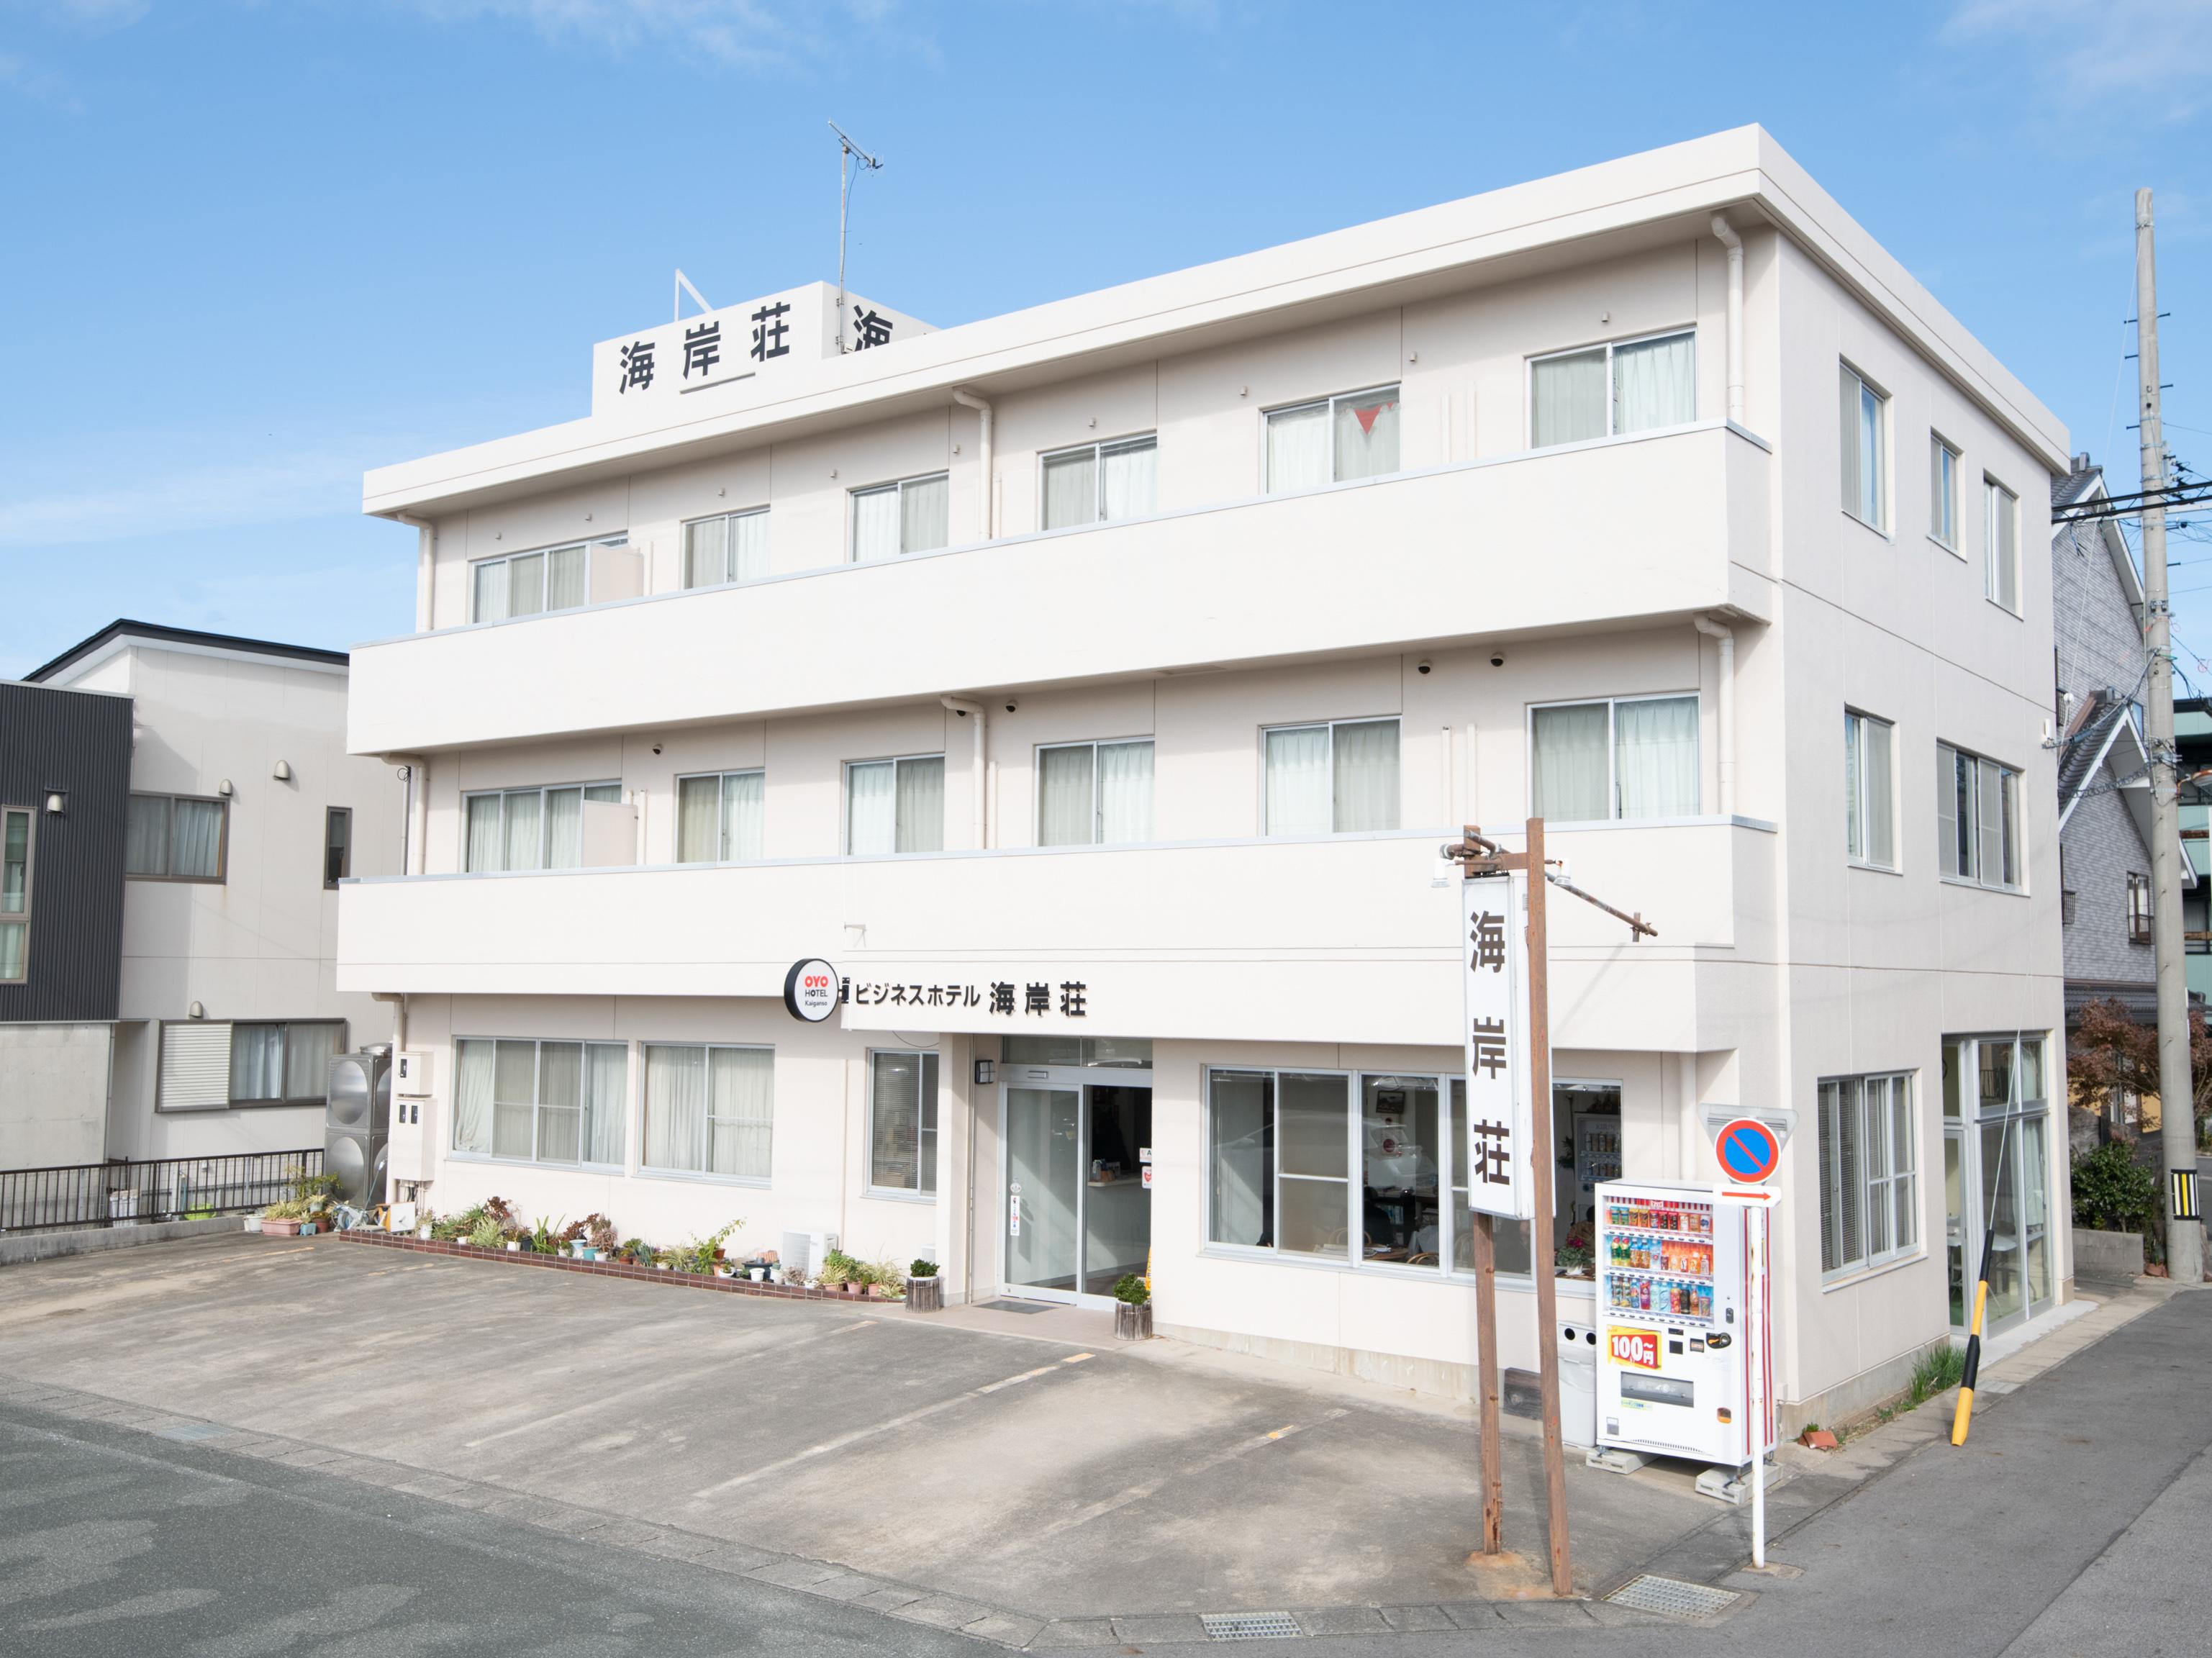 OYO 44651 Kaigansou